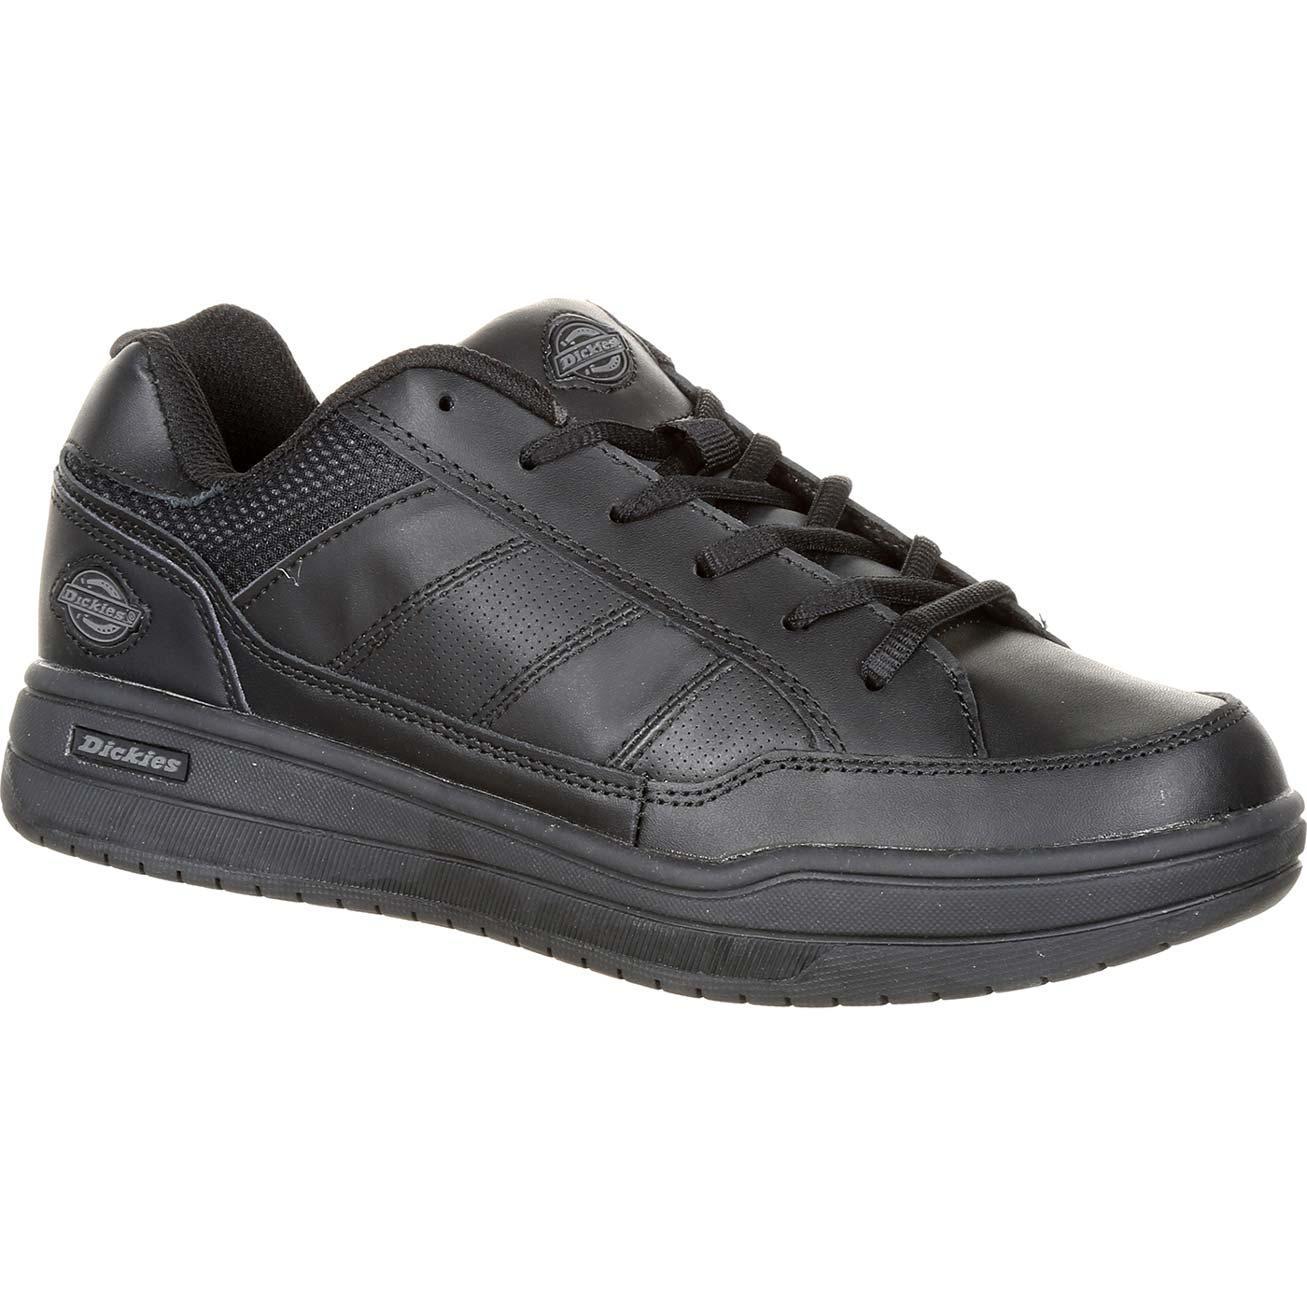 2ffb6201cae4 Dickies Slip-Resistant Work Skate ShoeDickies Slip-Resistant Work Skate Shoe